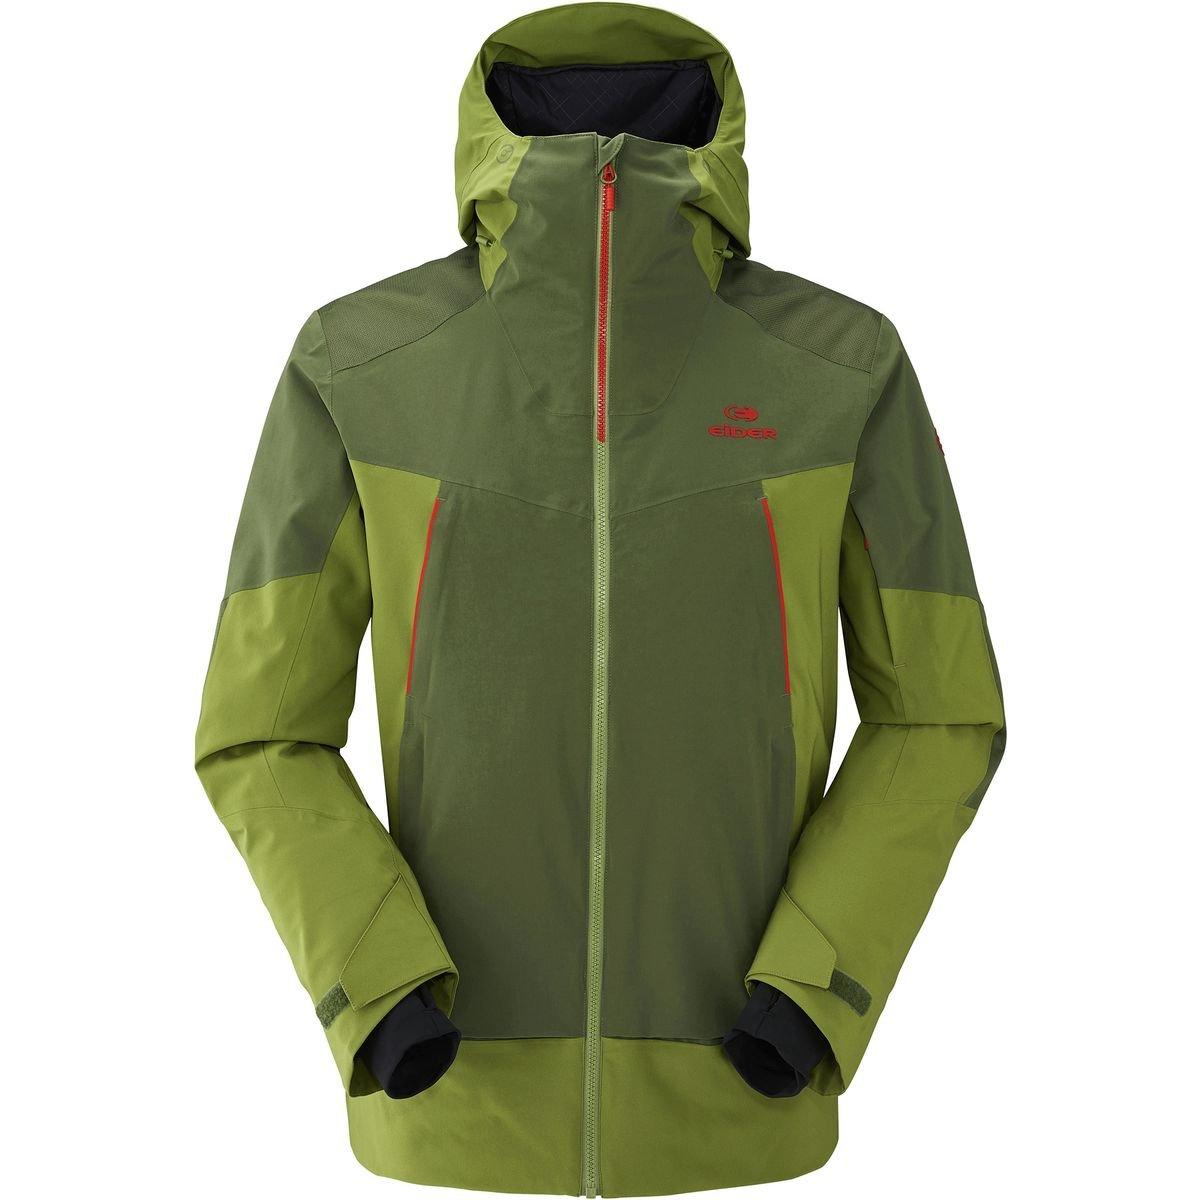 【レビューで送料無料】 Eider Rocker Jacket – Men Jacket 's B075L5LKC3 Rocker Medium|Spruce Green –/Moss Green Spruce Green/Moss Green Medium, シラカワチョウ:95525b23 --- movellplanejado.com.br